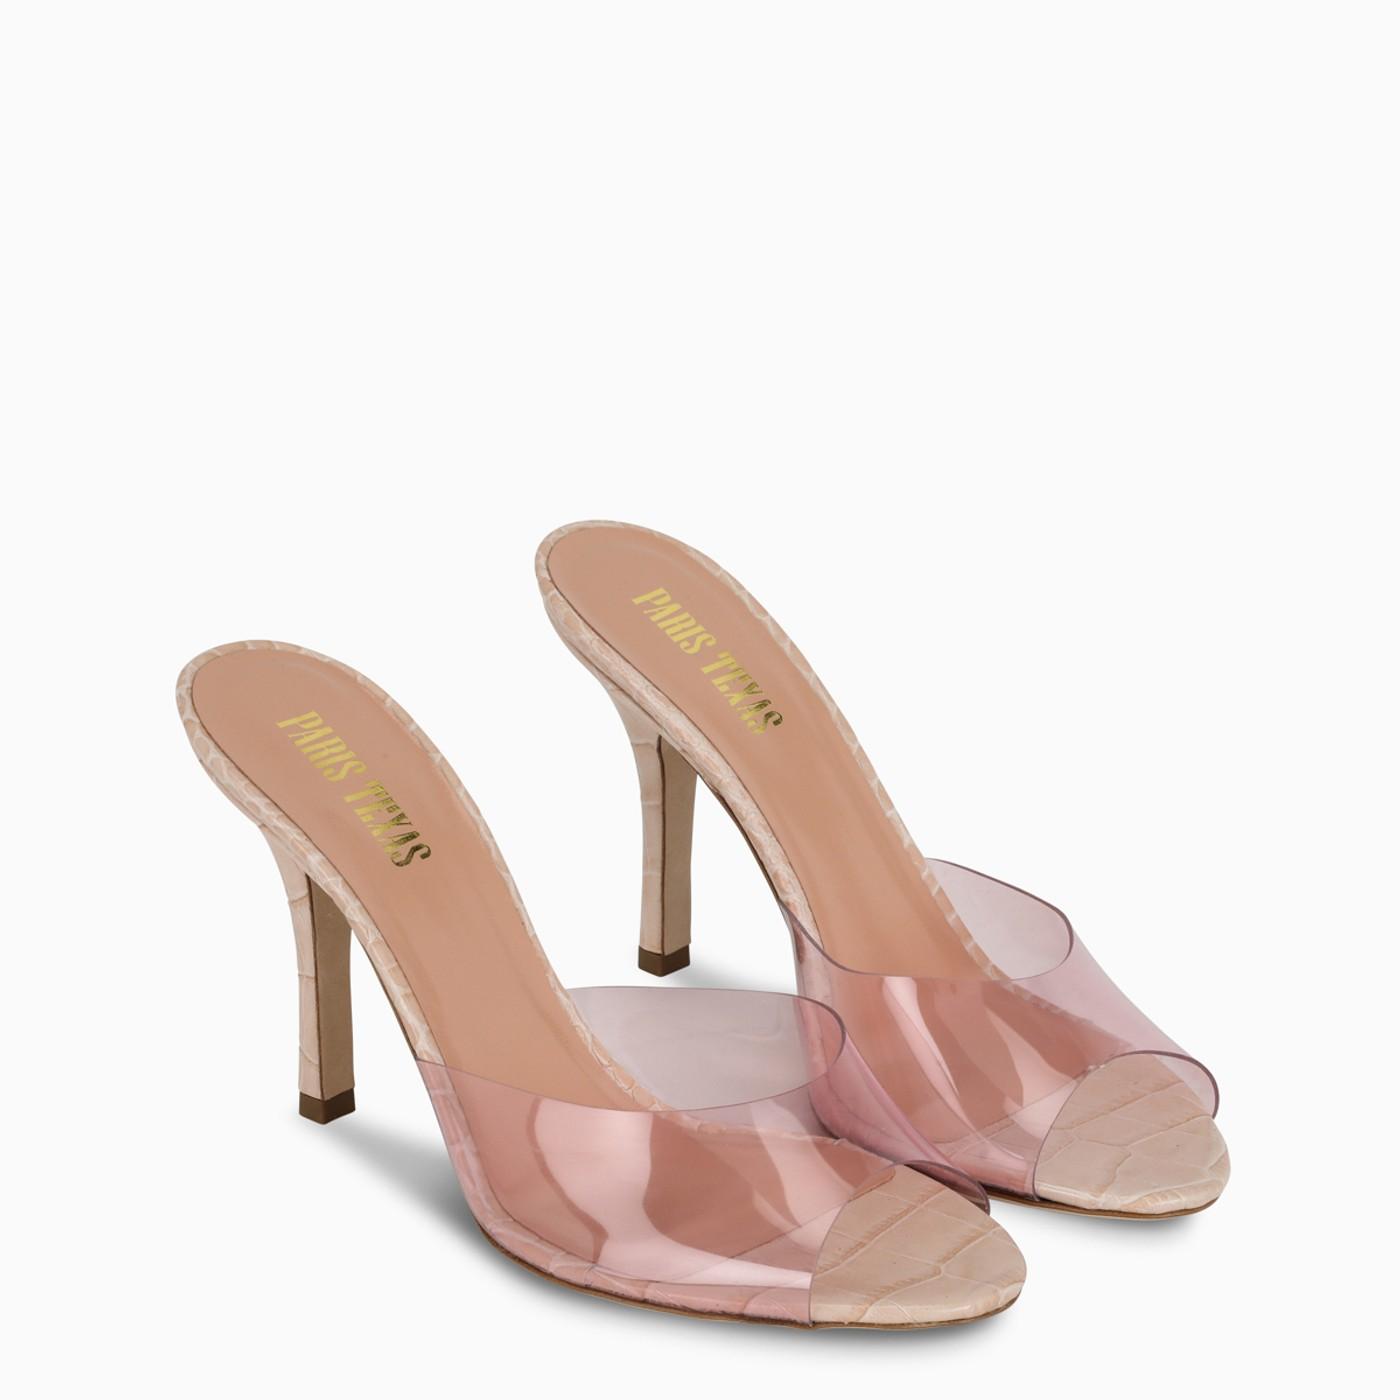 Paris Texas, Pink croc-effect leather and PVC sandals, Shoes, Woman, PX573XPVCC/I_PATEX-PO, 02